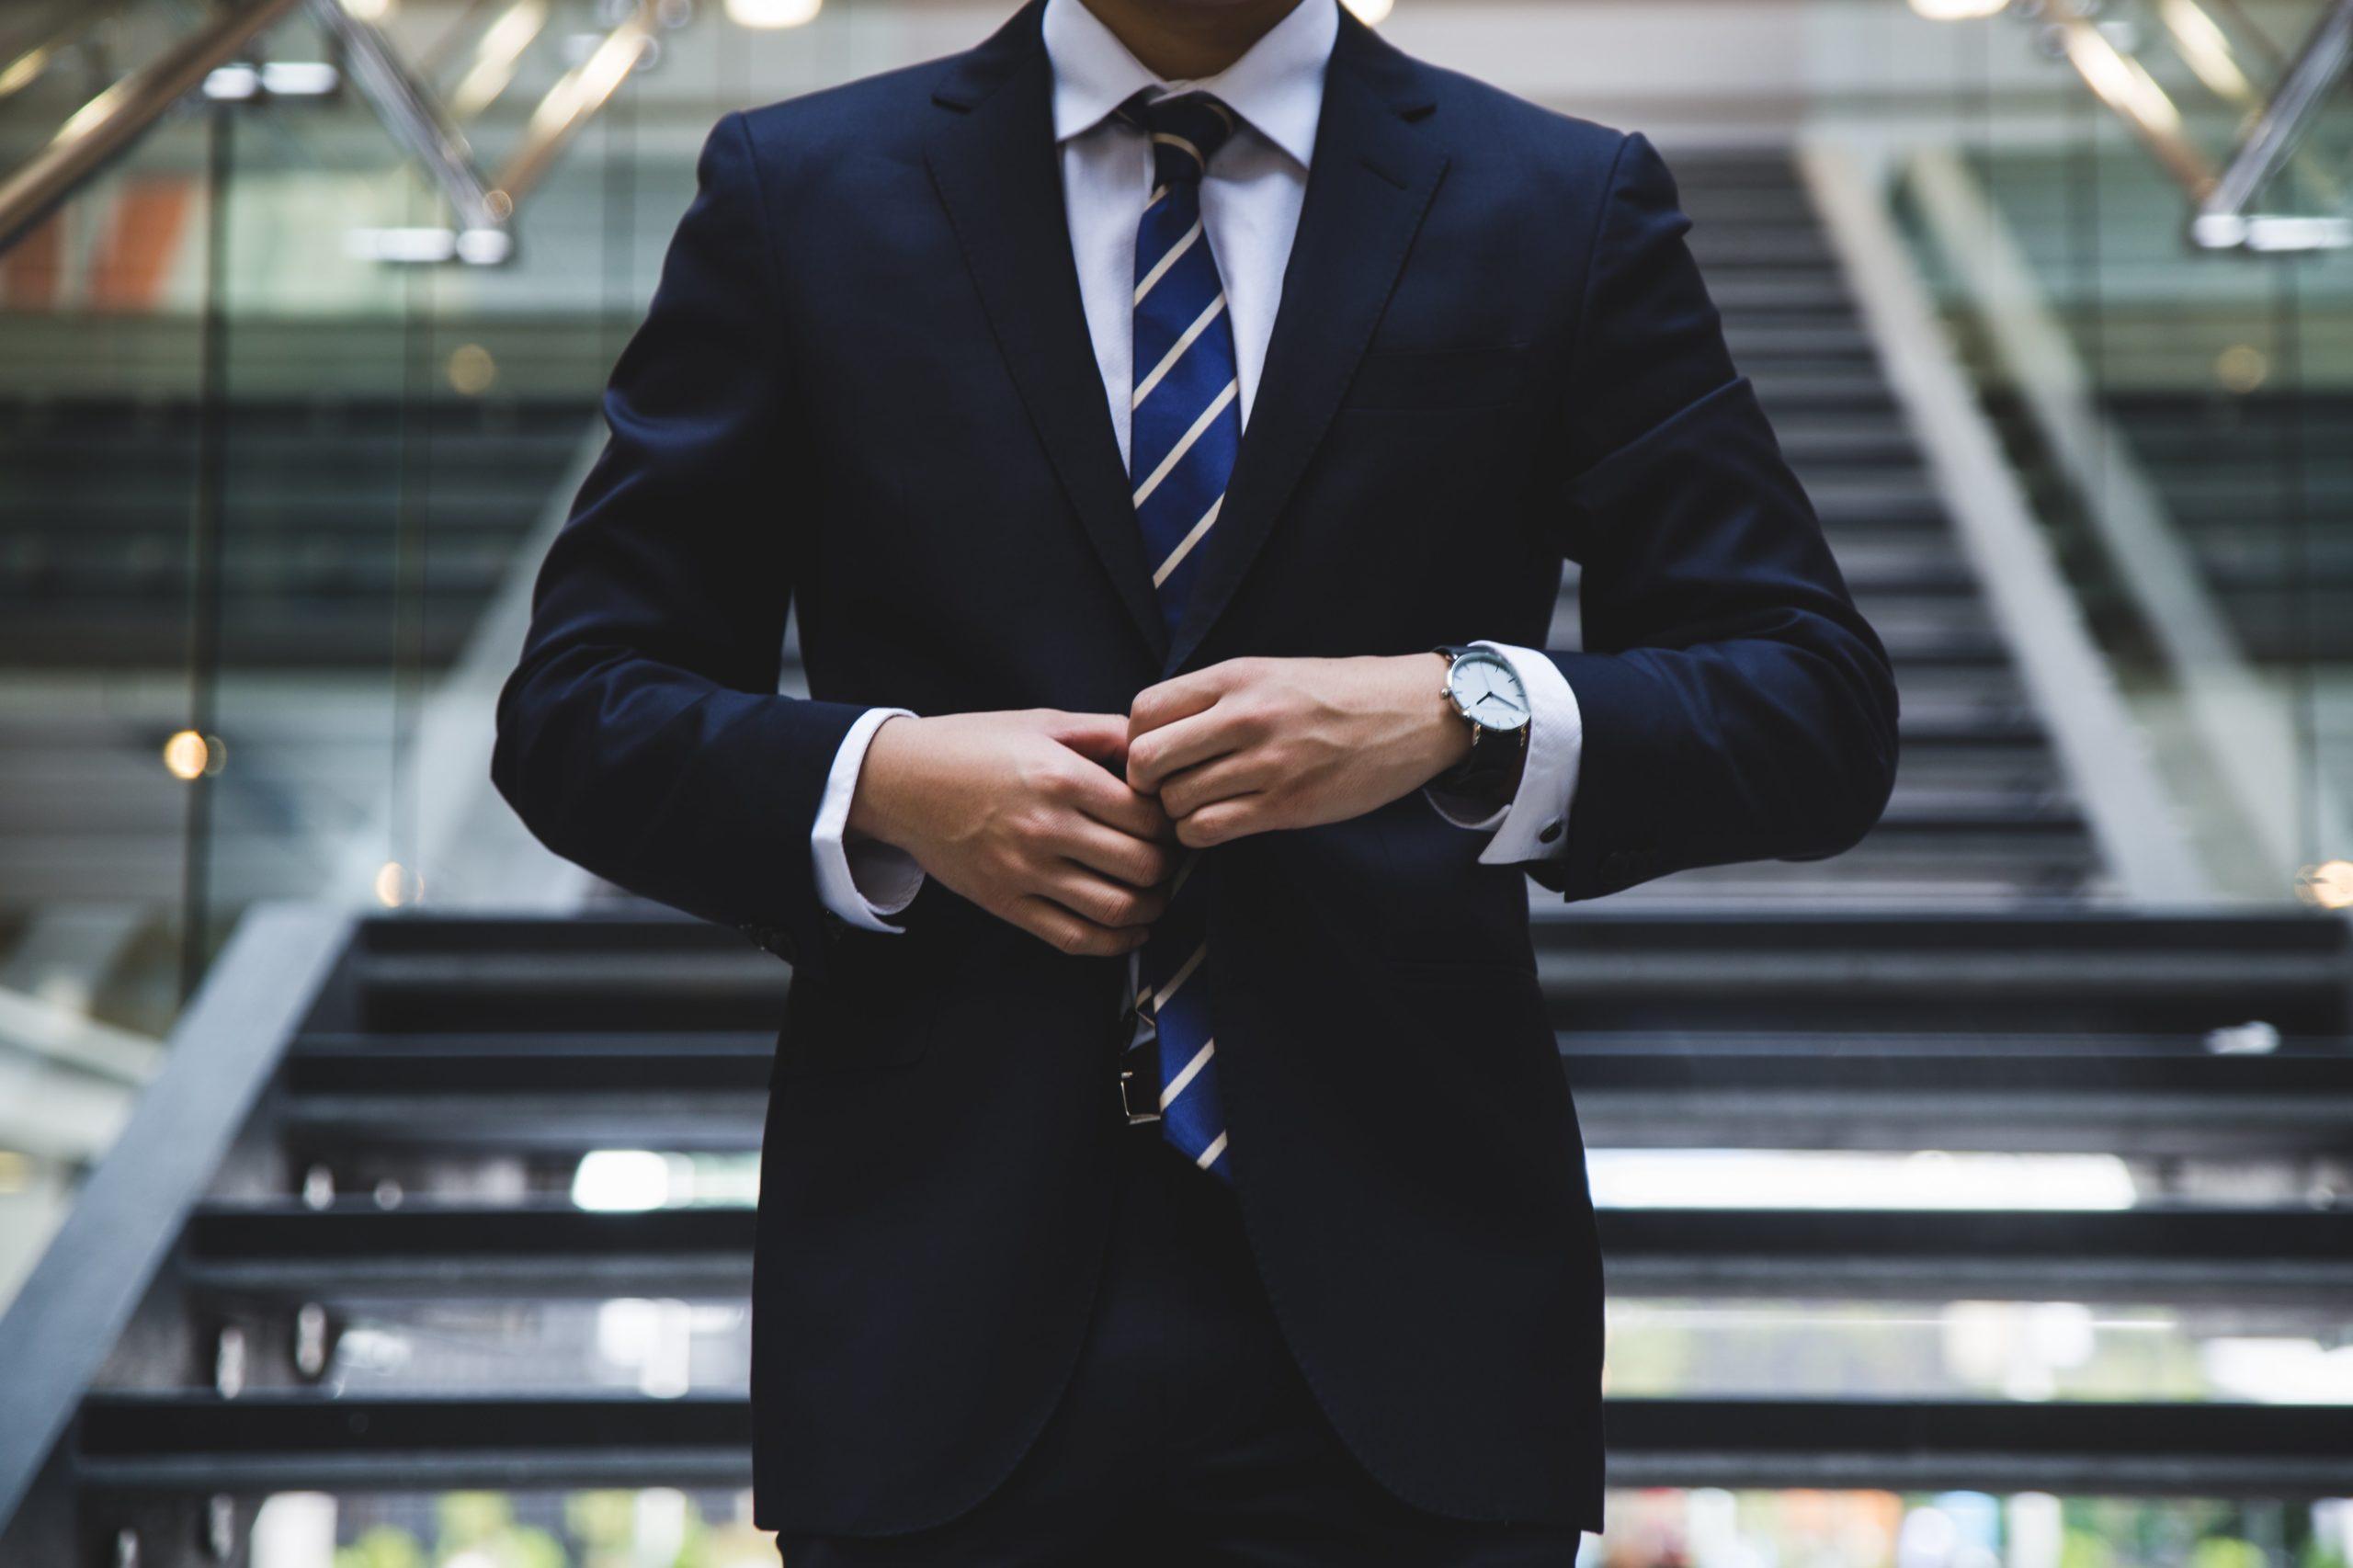 早く転職するほどもらえる金額は大きい【失業保険の再就職手当ては祝い金】